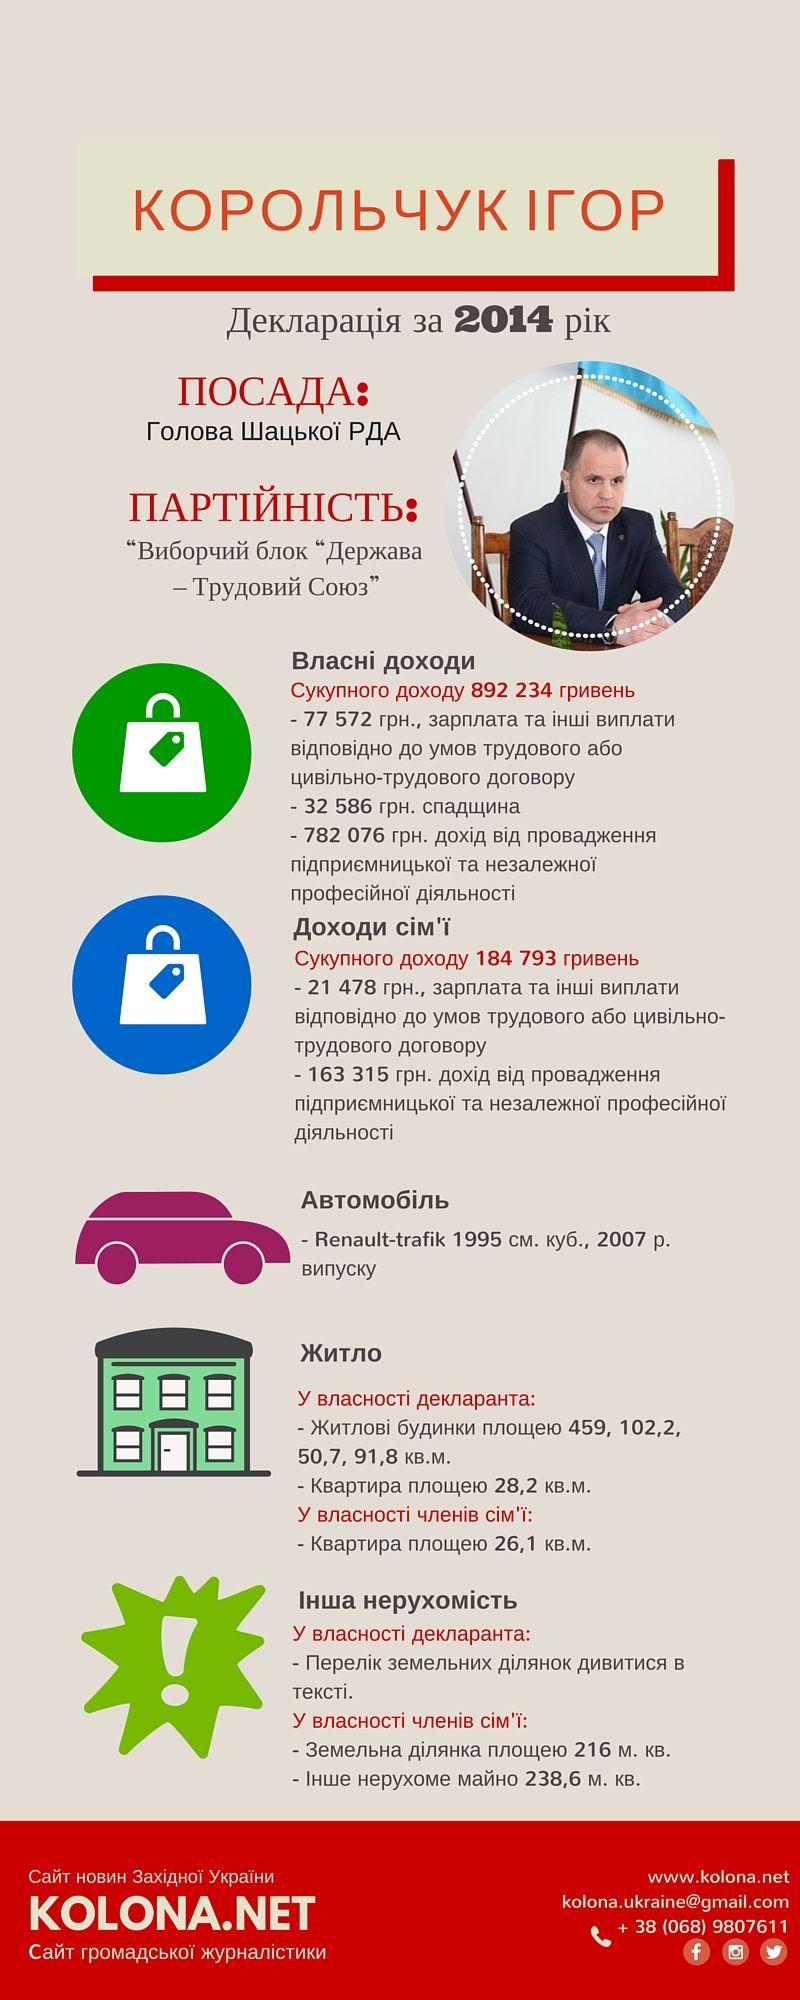 Корольчук Ігор - голова Шацької районної державної адміністрації